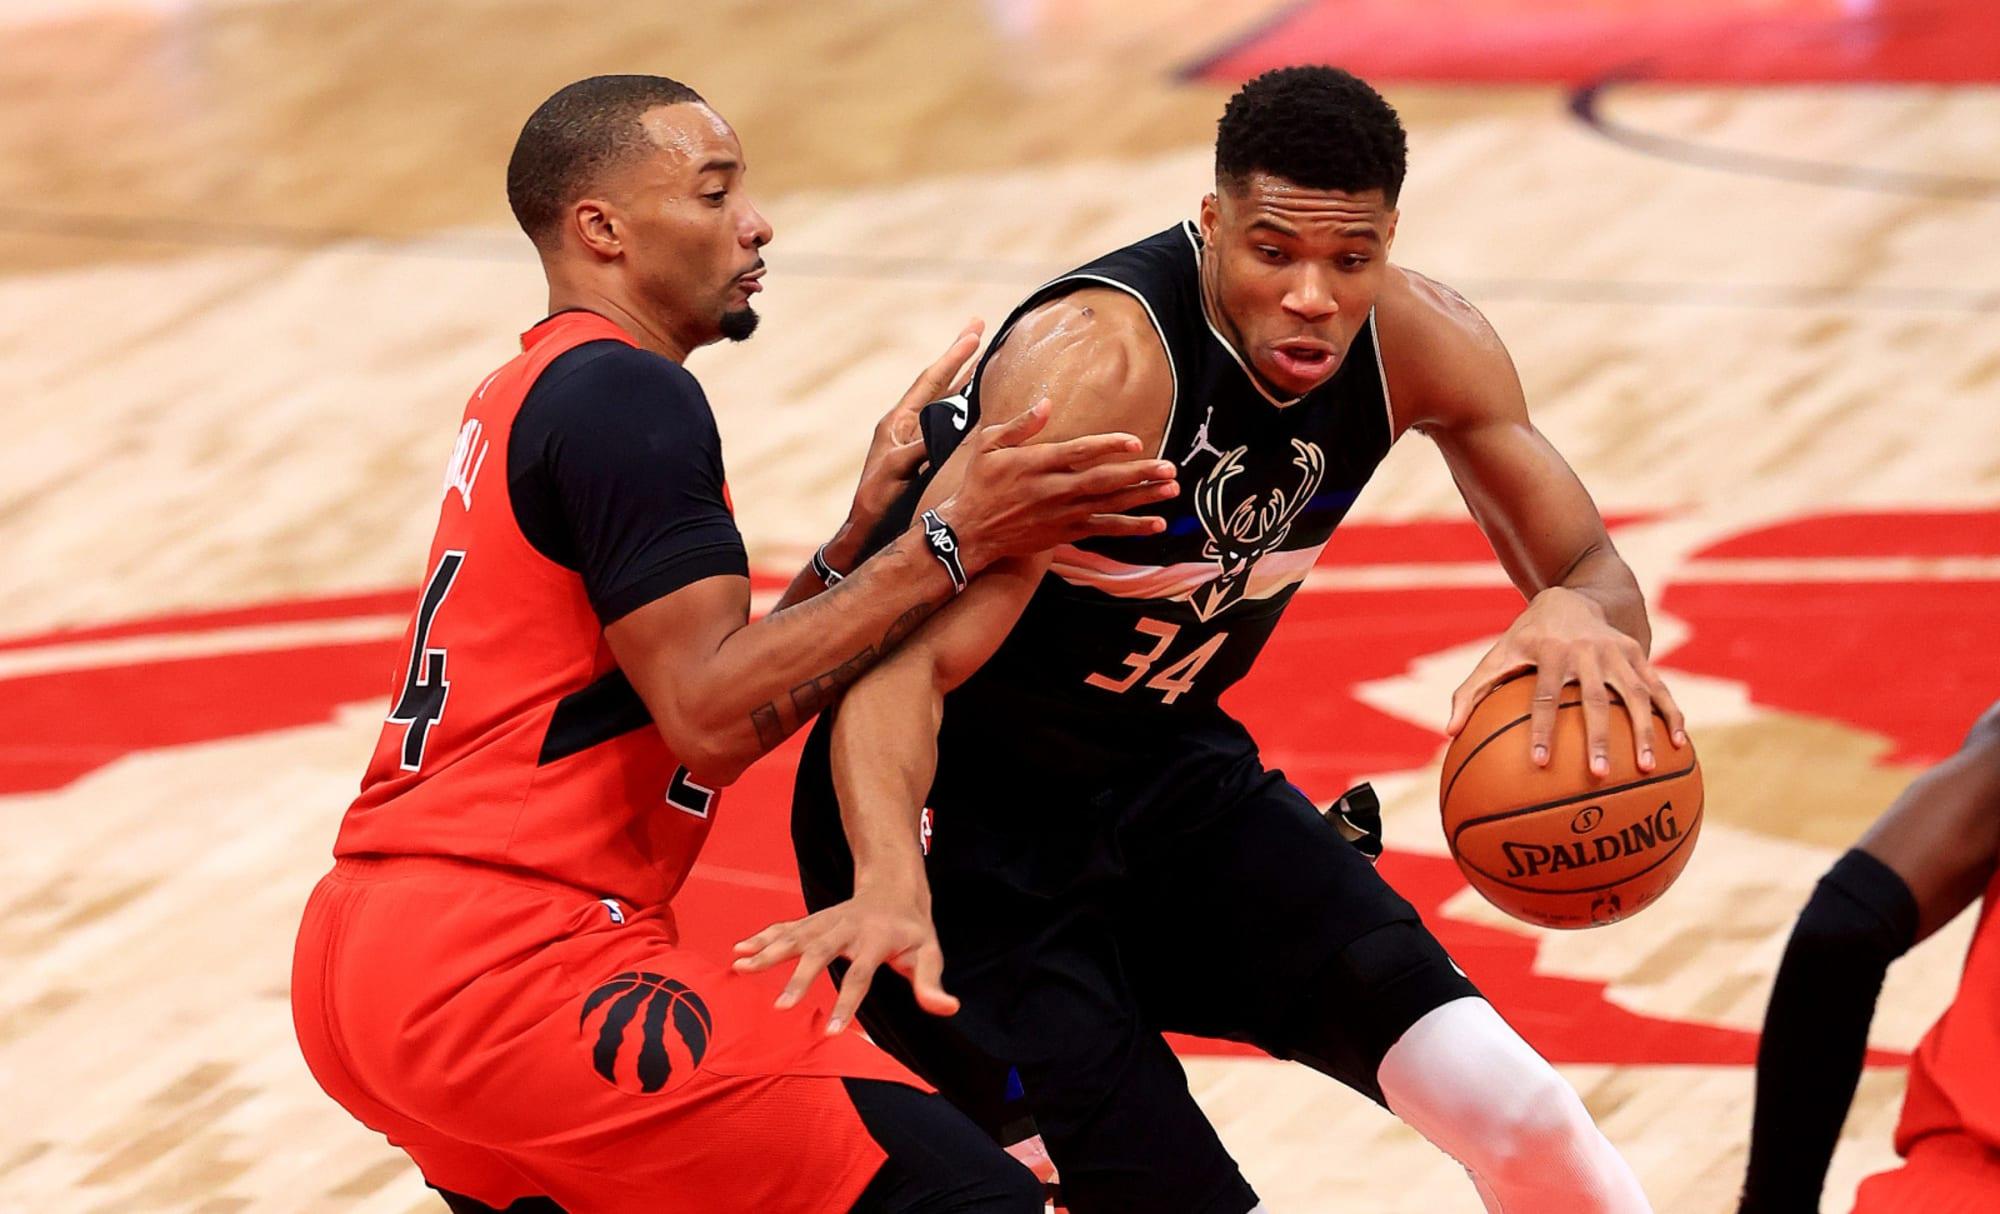 Key takeaways from the Toronto Raptors win against the Bucks